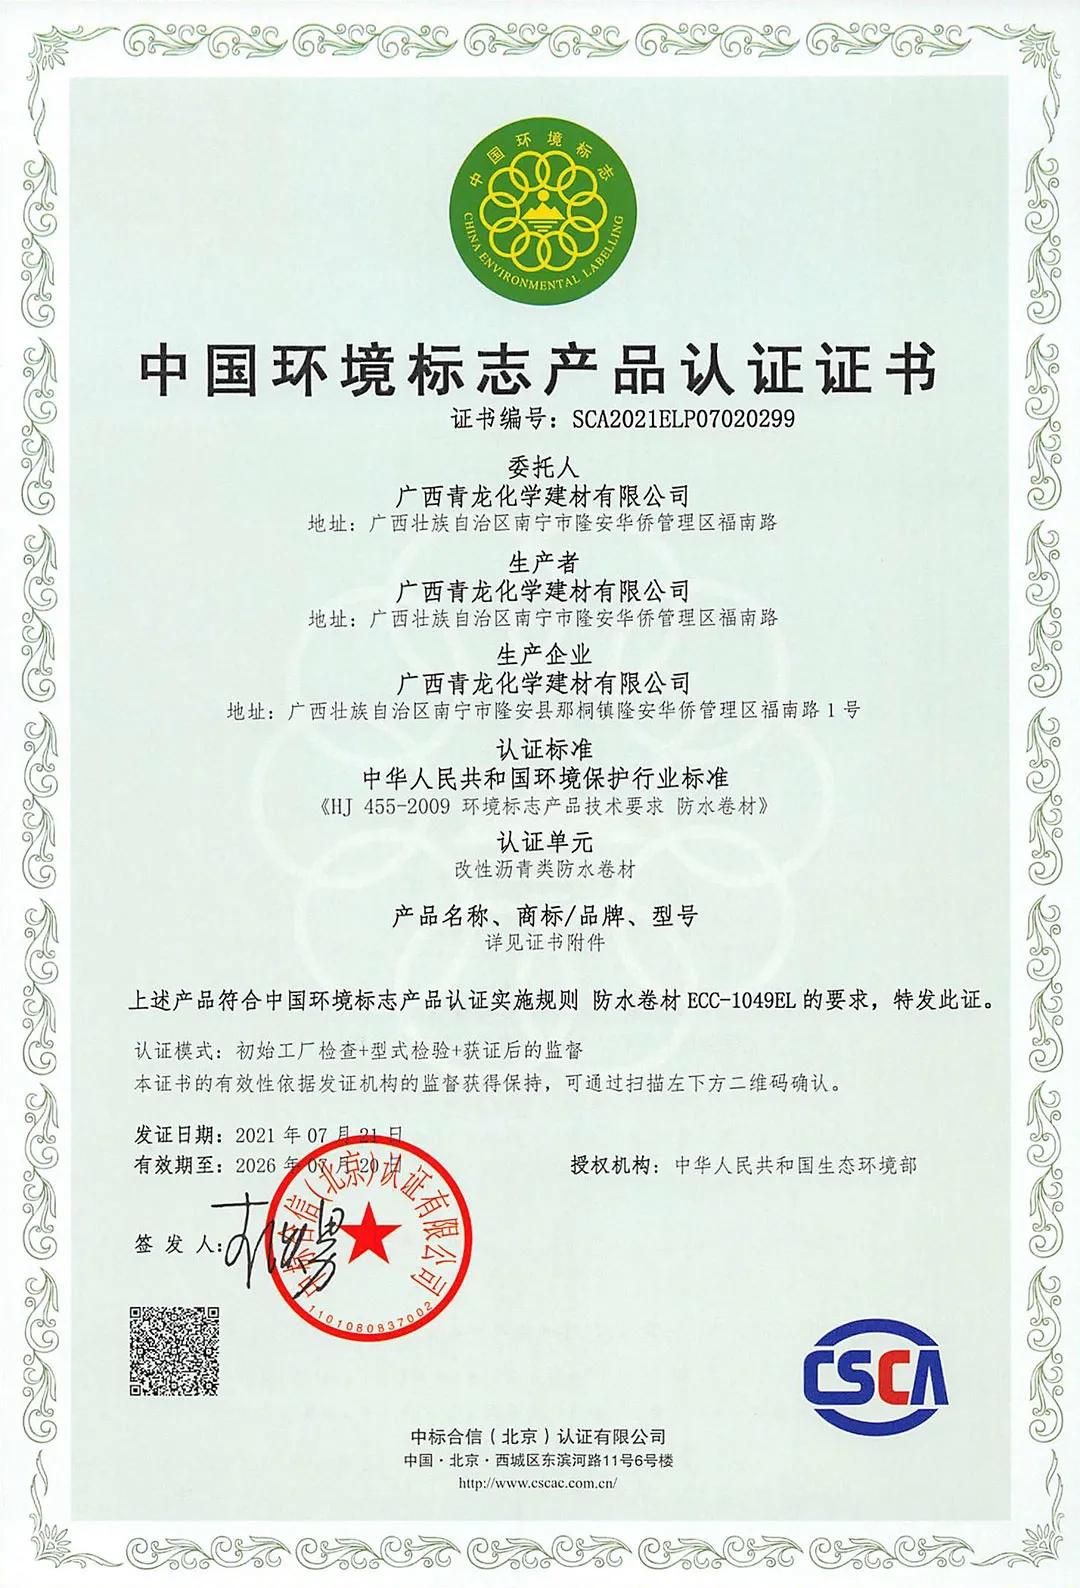 """重磅利好!青龙防水卷材获得""""中国环境标志产品认证"""""""